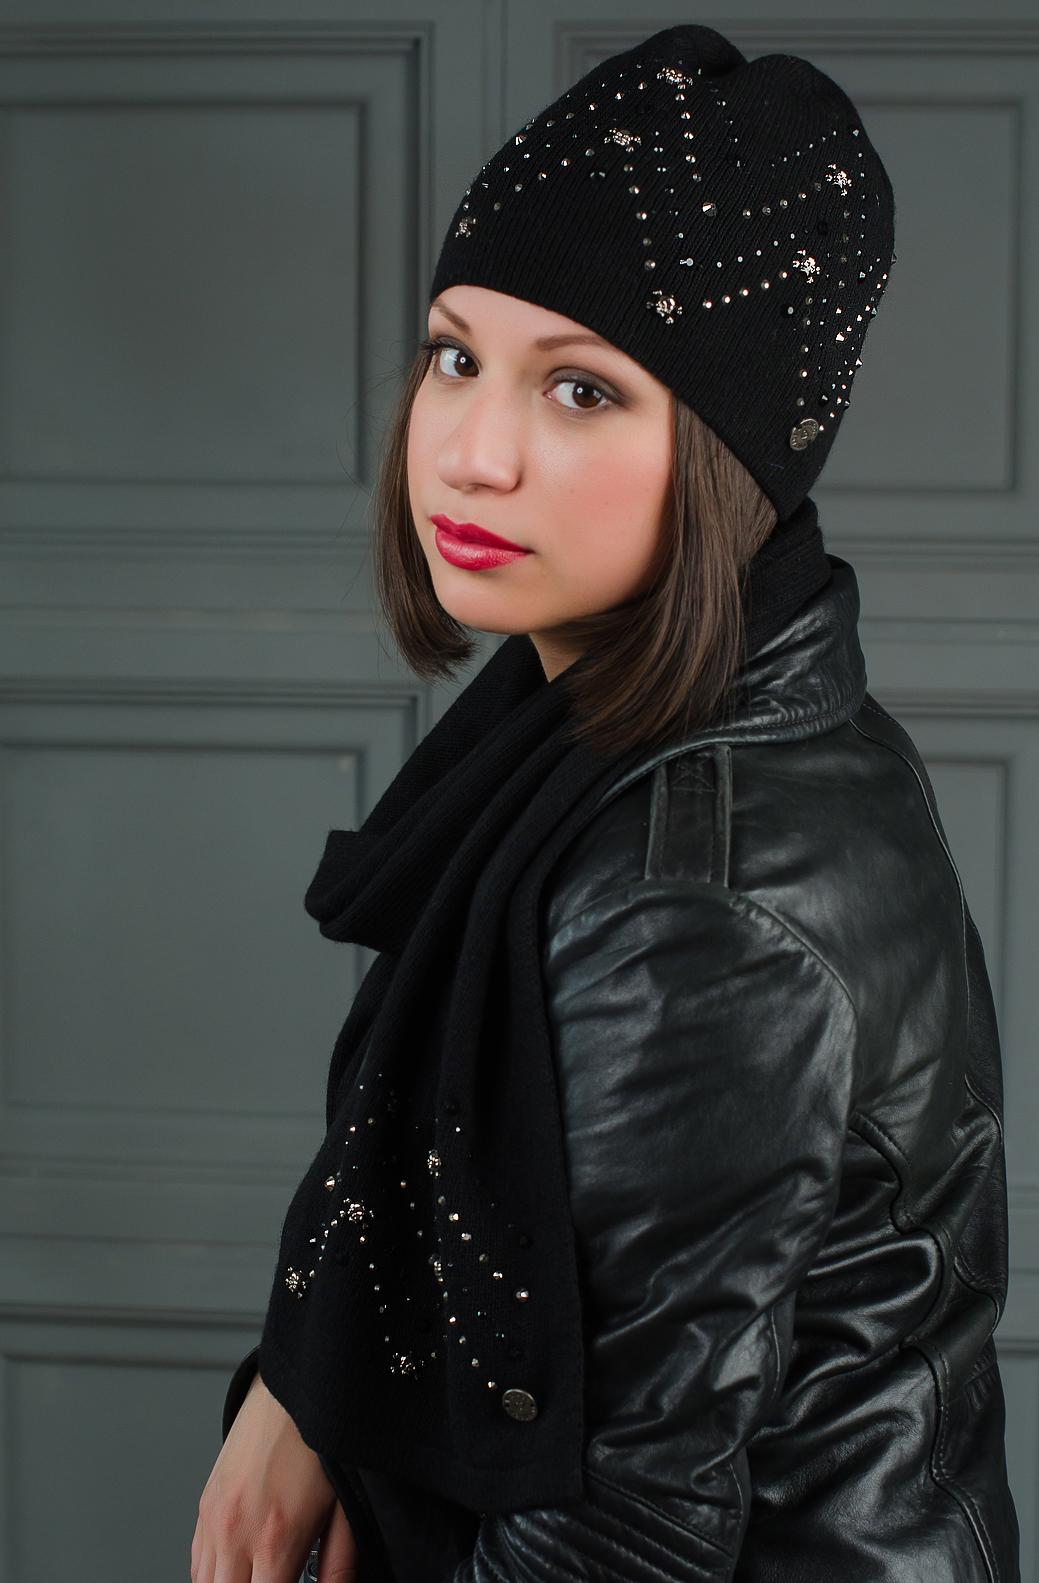 Женская трикотажная одежда оптом. трикотажные шапки оптом от производителя,  модные шапки оптом, летние шляпы оптом, летние головные уборы оптом, ... 4b315fd2a61